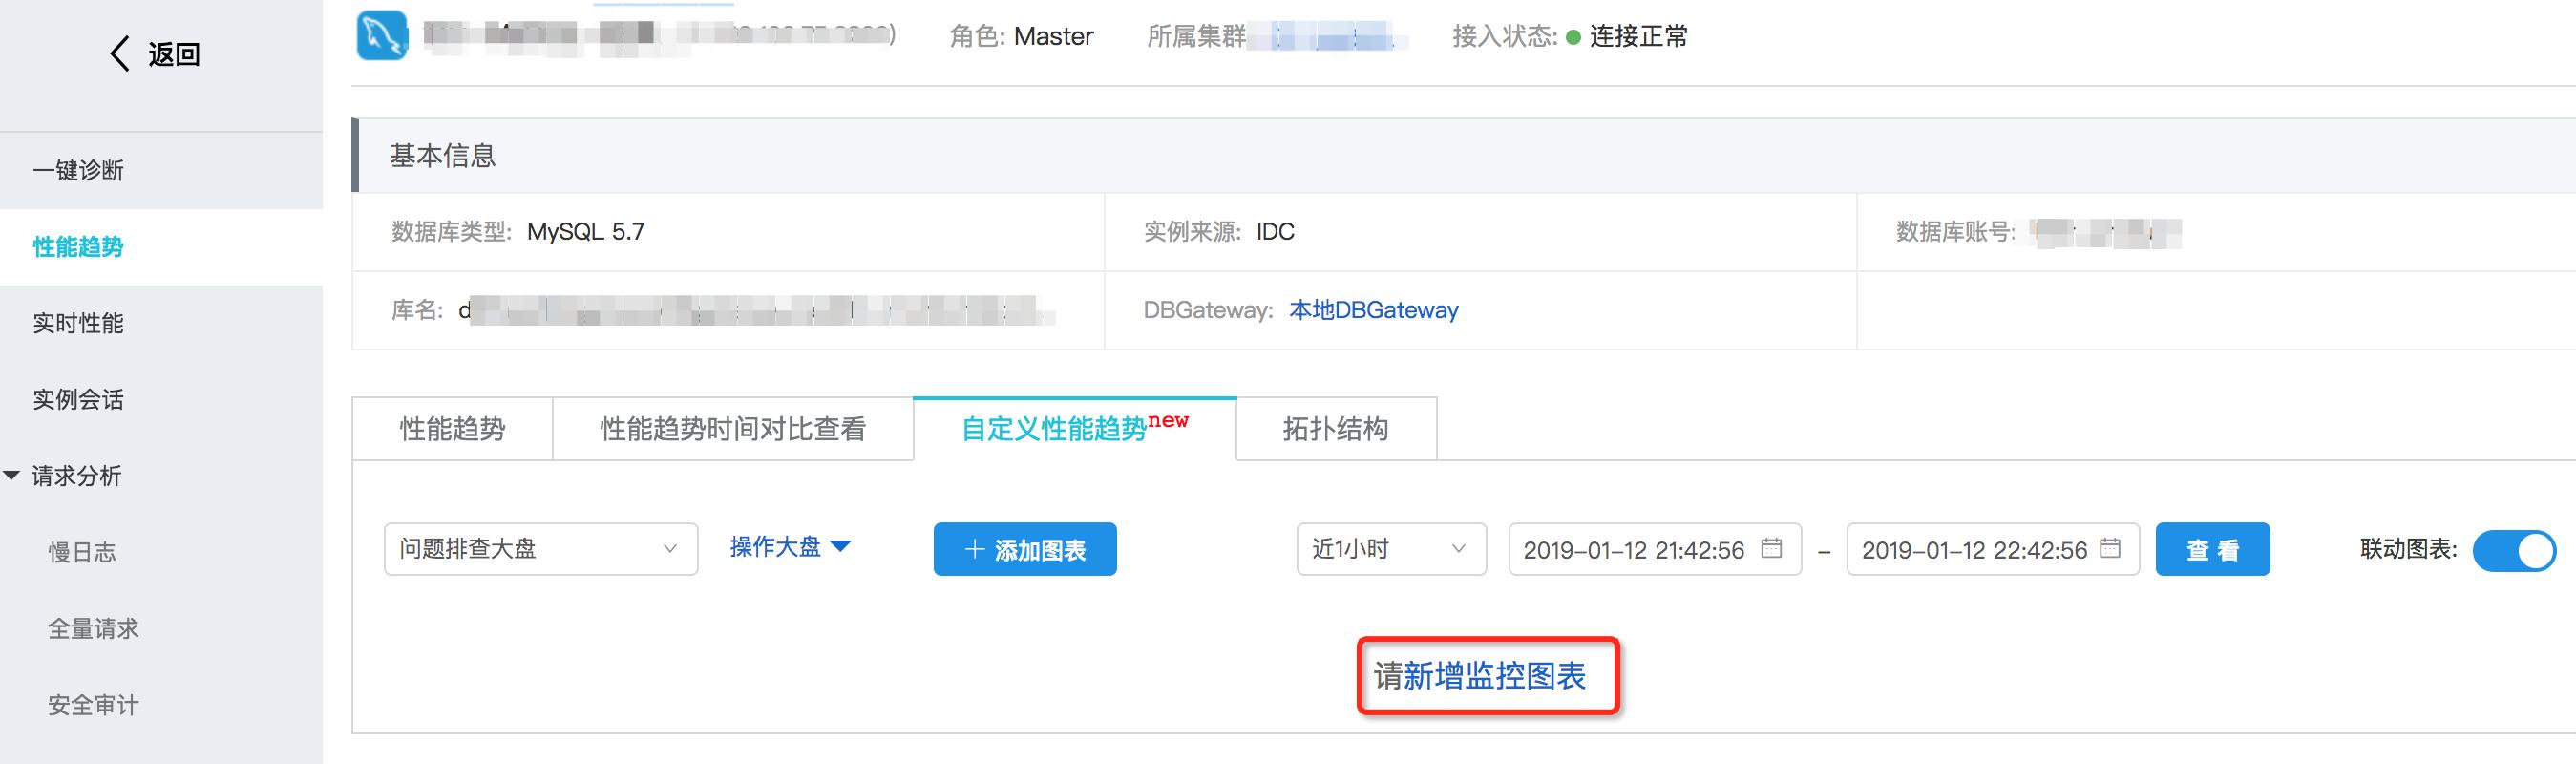 HDM_user_manual_256